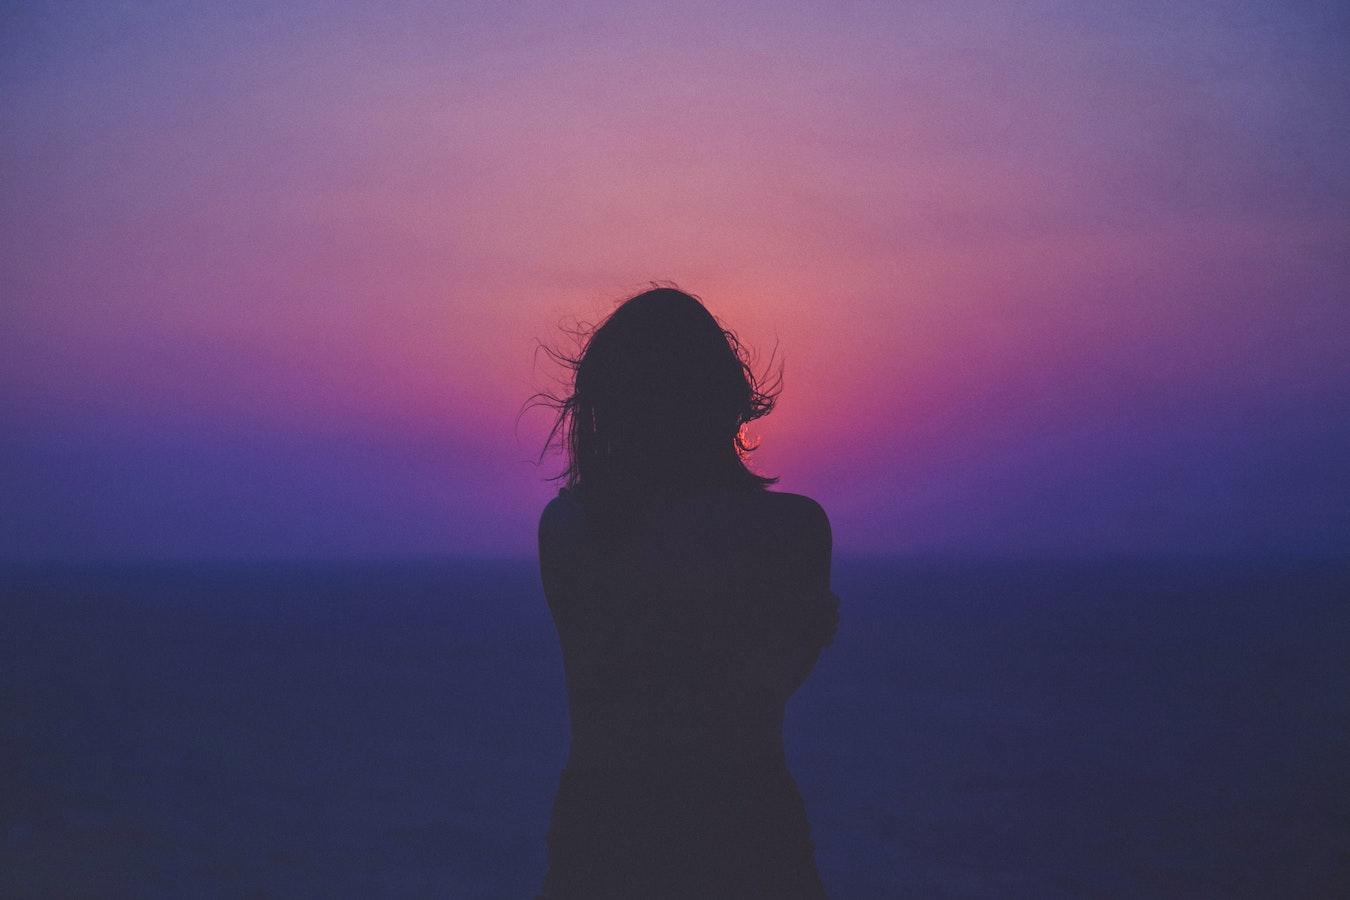 junge Frau vor dem Sonnenuntergang Farbverlauf violett geheimnisvoll mystisch